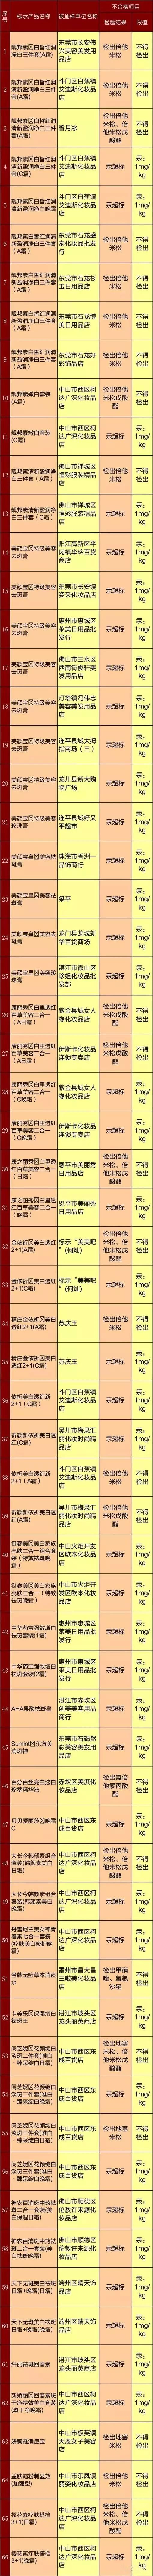 又一波美白淡斑类产品因汞超标、含激素被广东省食药监局通告